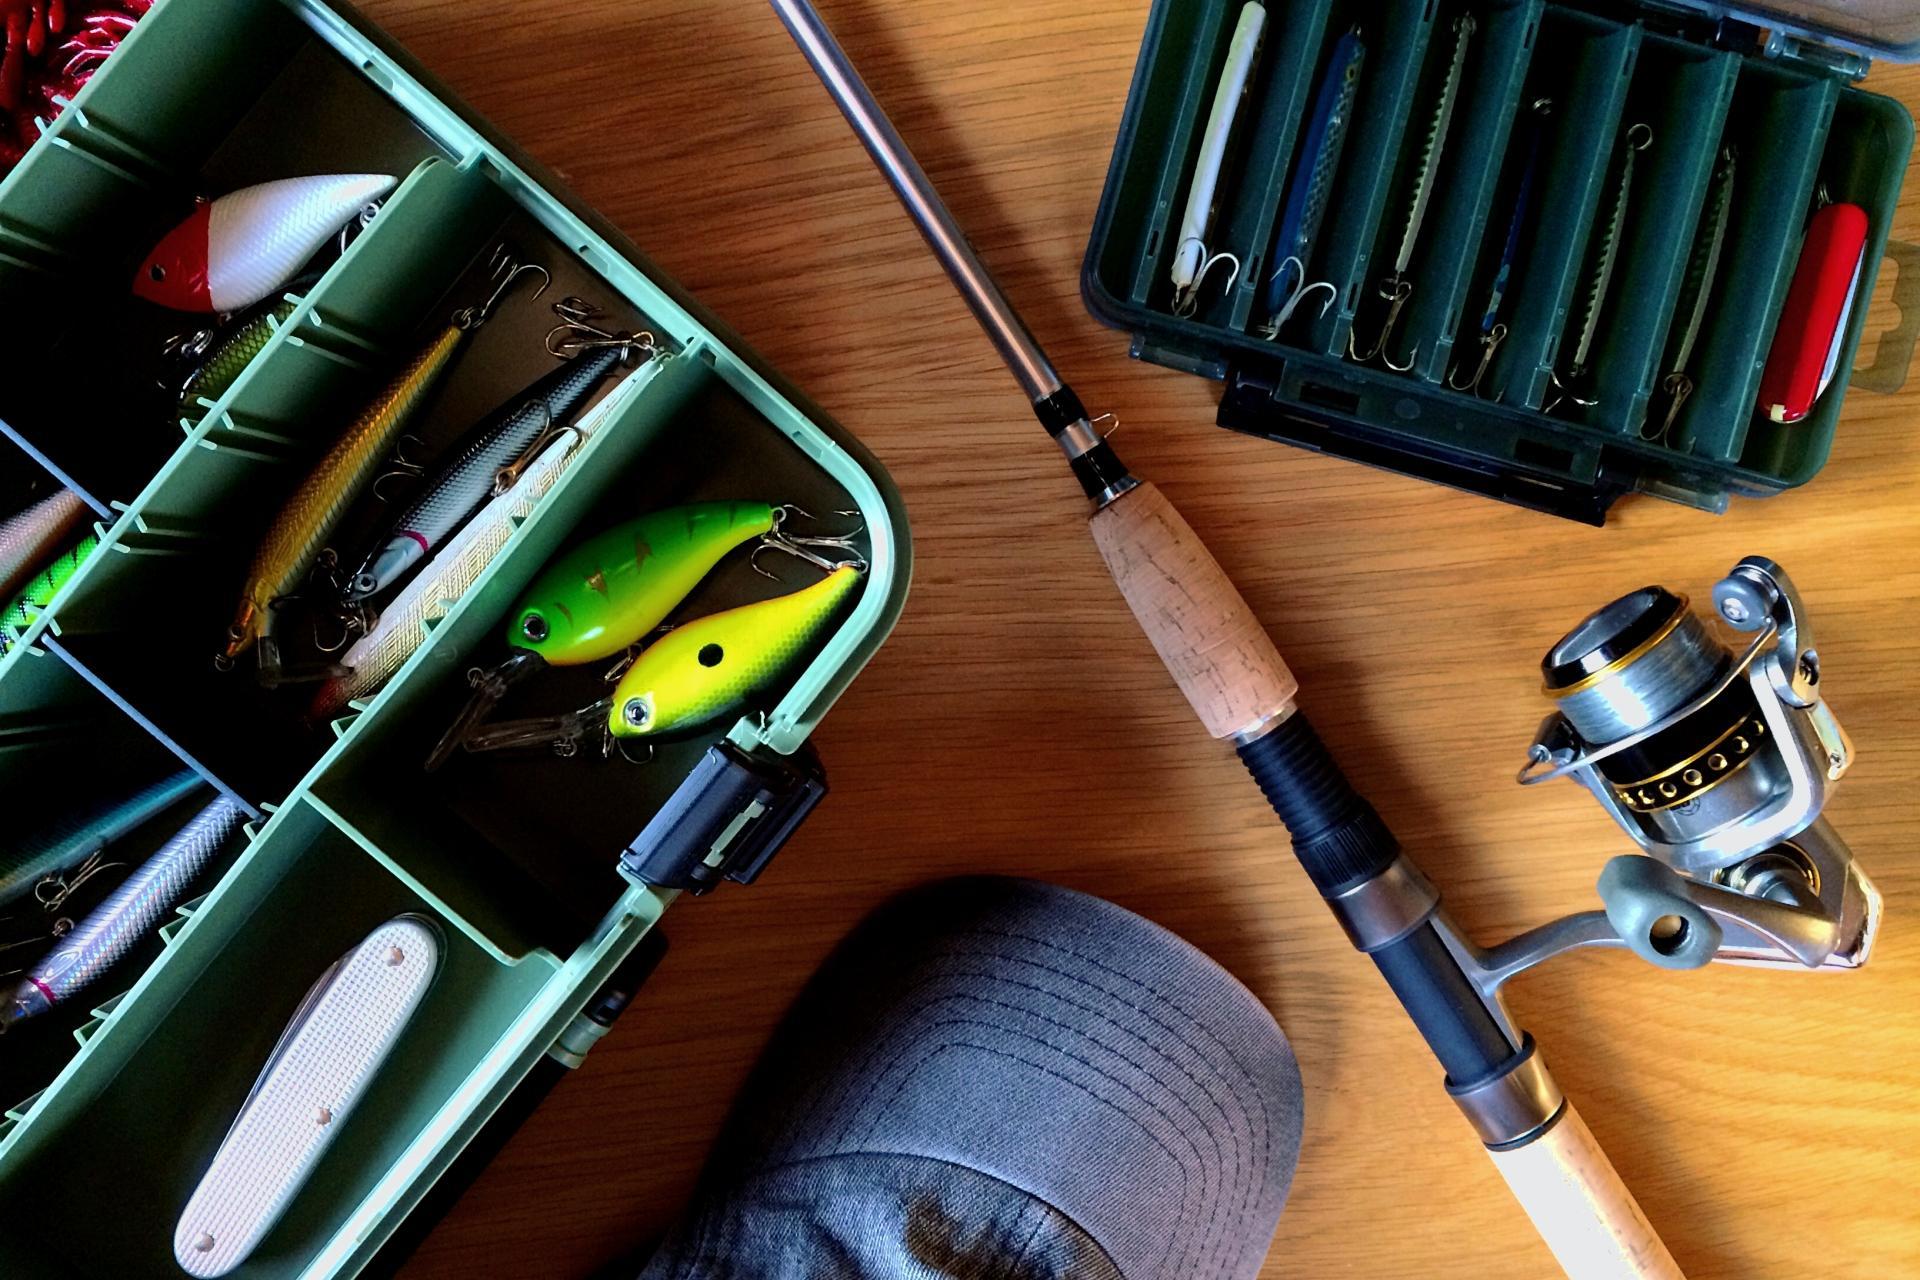 ジギングとは?釣り方のコツ・おすすめのタックル(ロッド/リール/ジグ)を徹底解説!